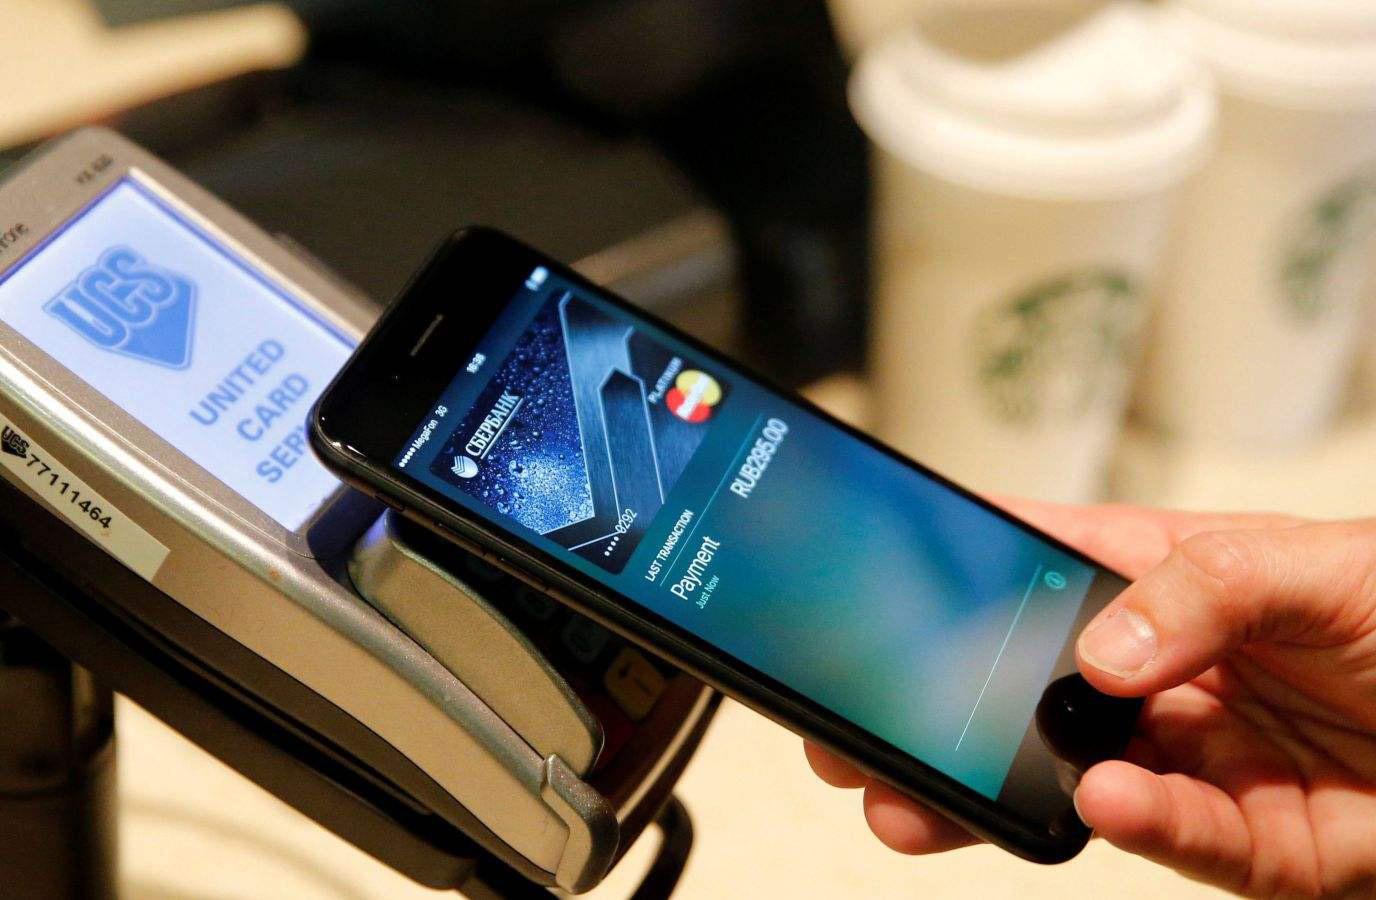 苹果收购Mobeewave 支付公司: 可将iPhone变成支付终端